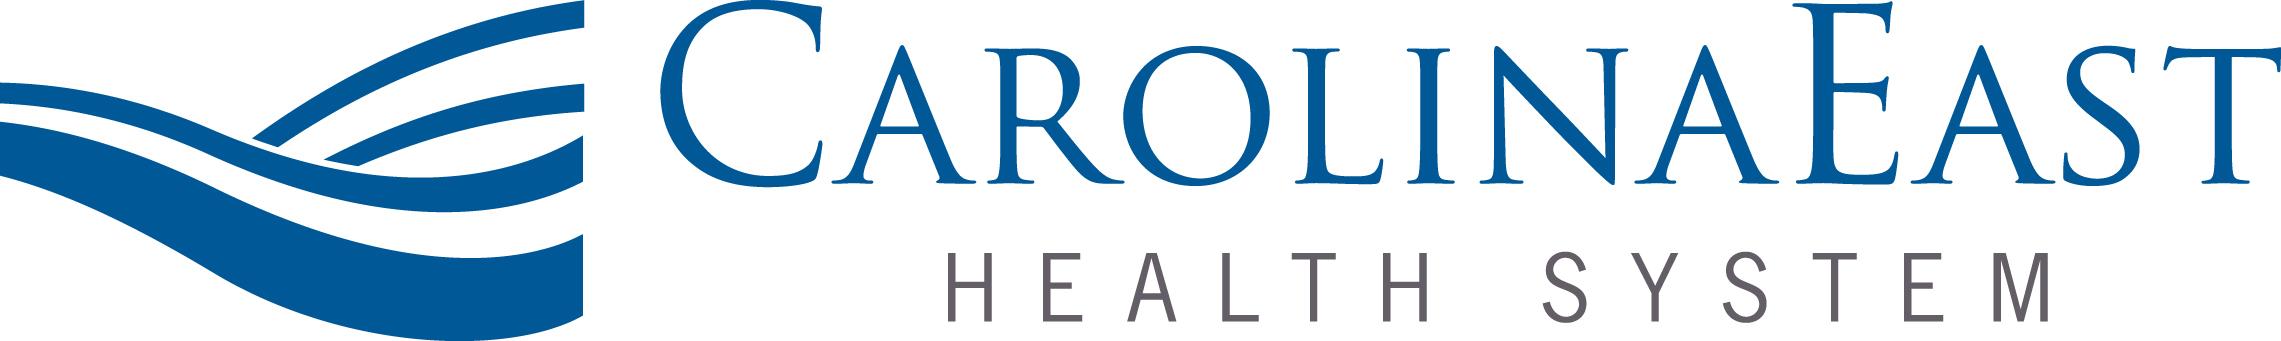 CarolinaEast_HealthSystem